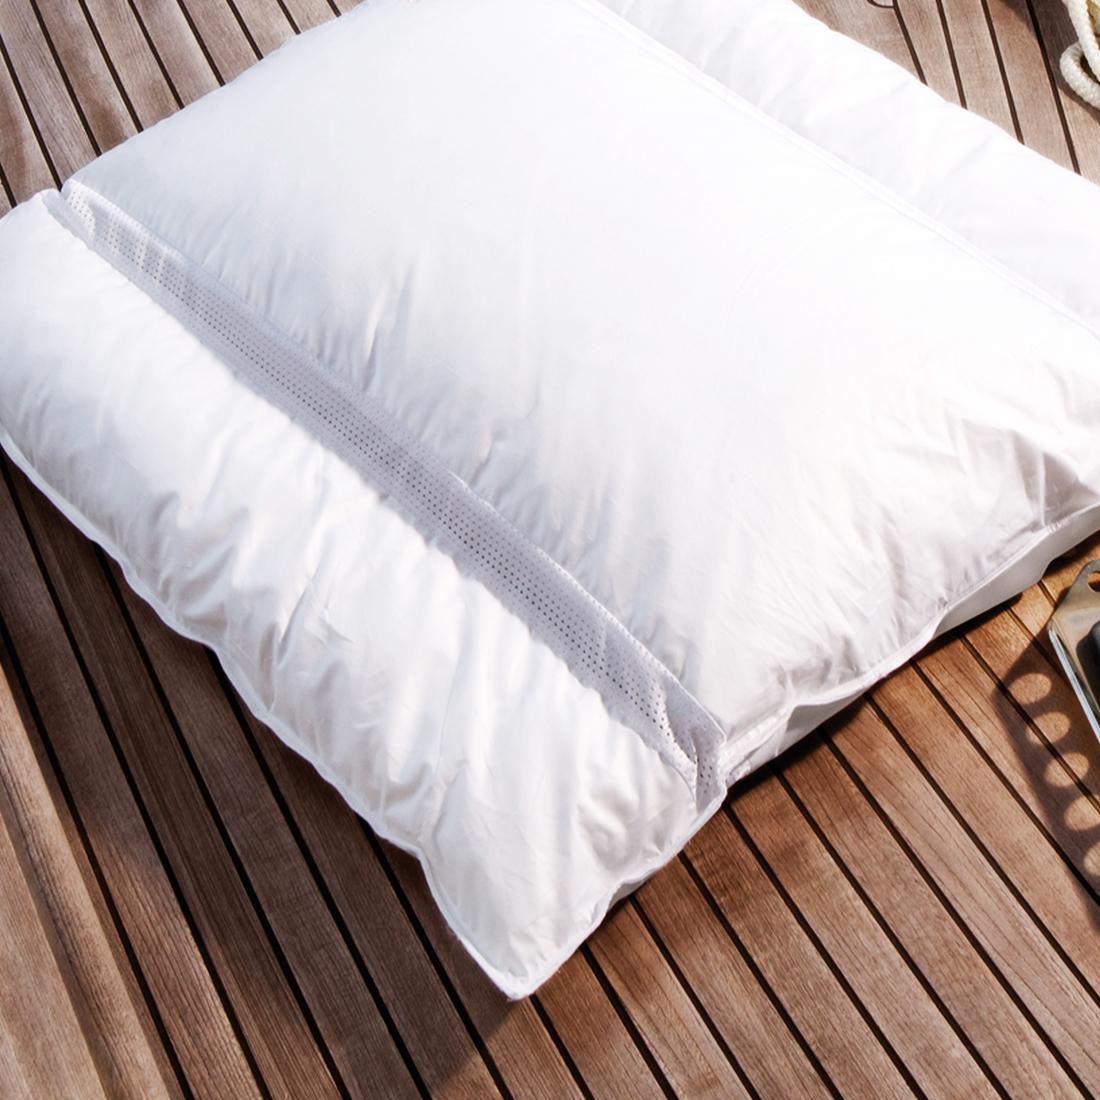 Подушки Revery Подушка Cozy Home 3D Air (70х70) подушки revery подушка be healthy